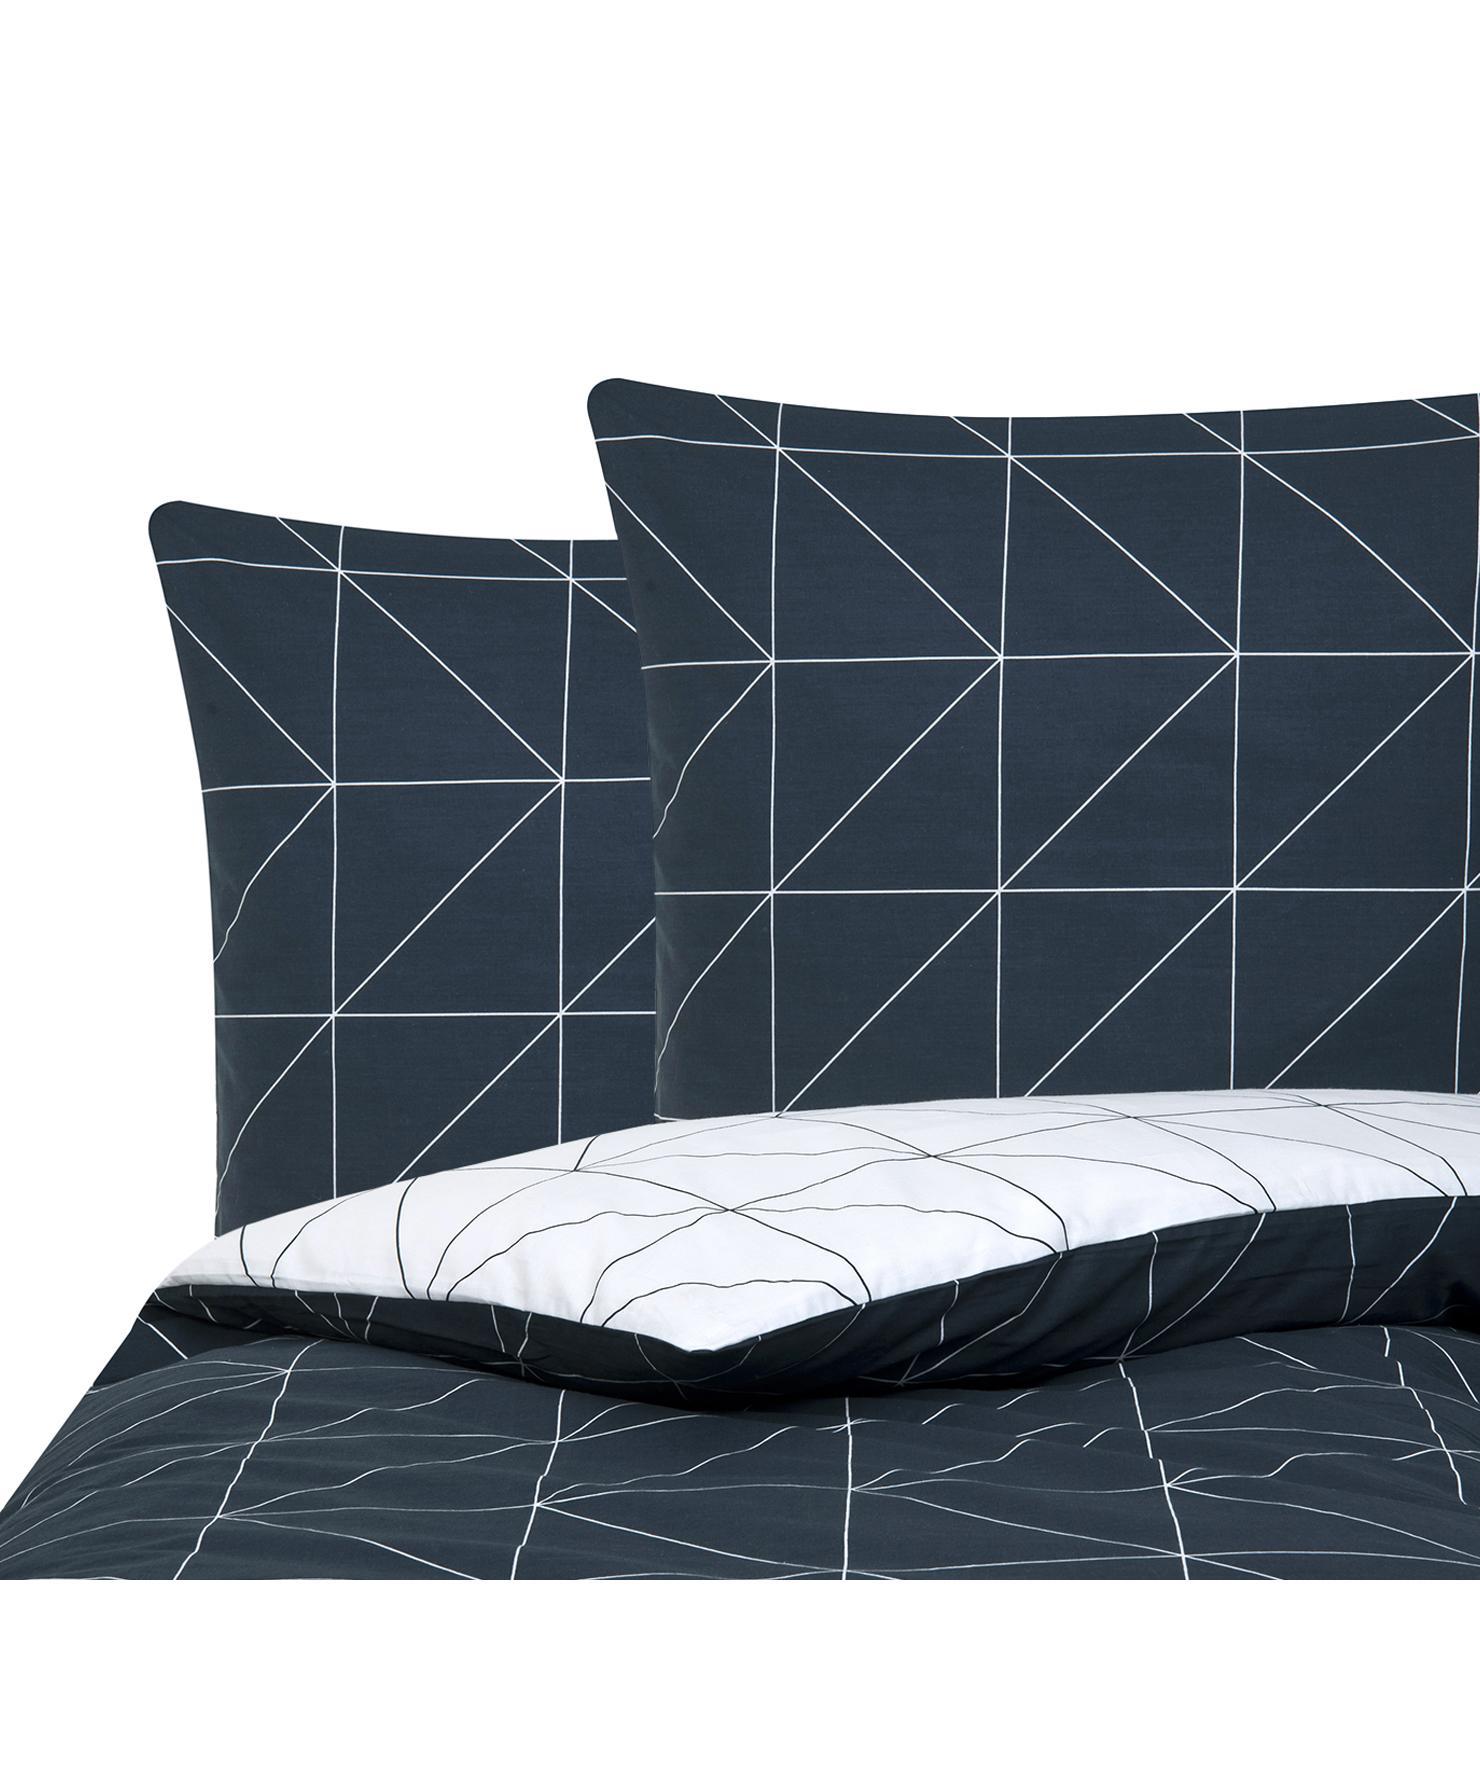 Baumwoll-Wendebettwäsche Marla mit grafischem Muster, Webart: Renforcé Fadendichte 144 , Navyblau, Weiss, 200 x 200 cm + 2 Kissen 80 x 80 cm